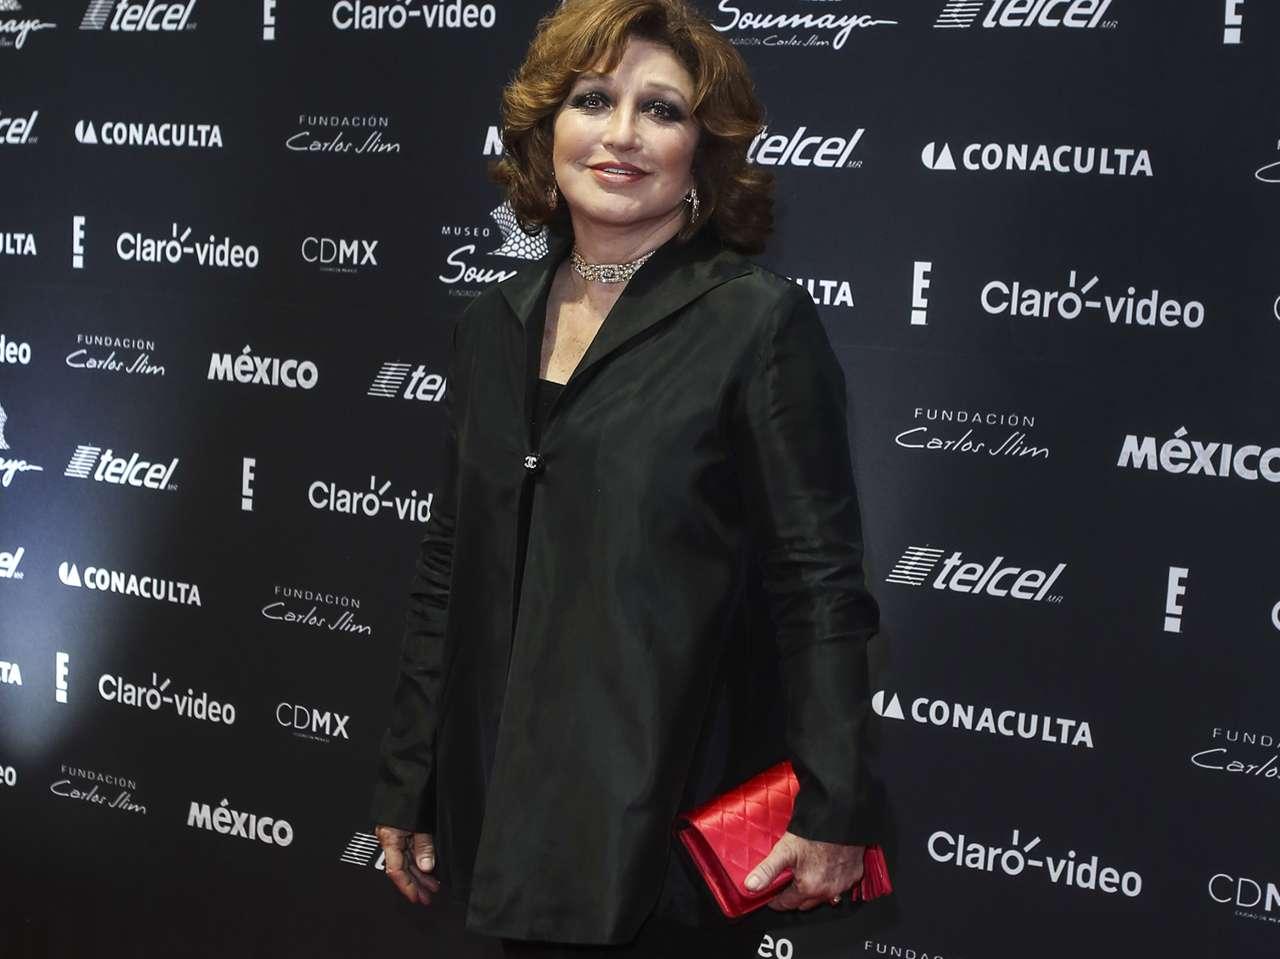 Angélica María. Foto: Medios y Media